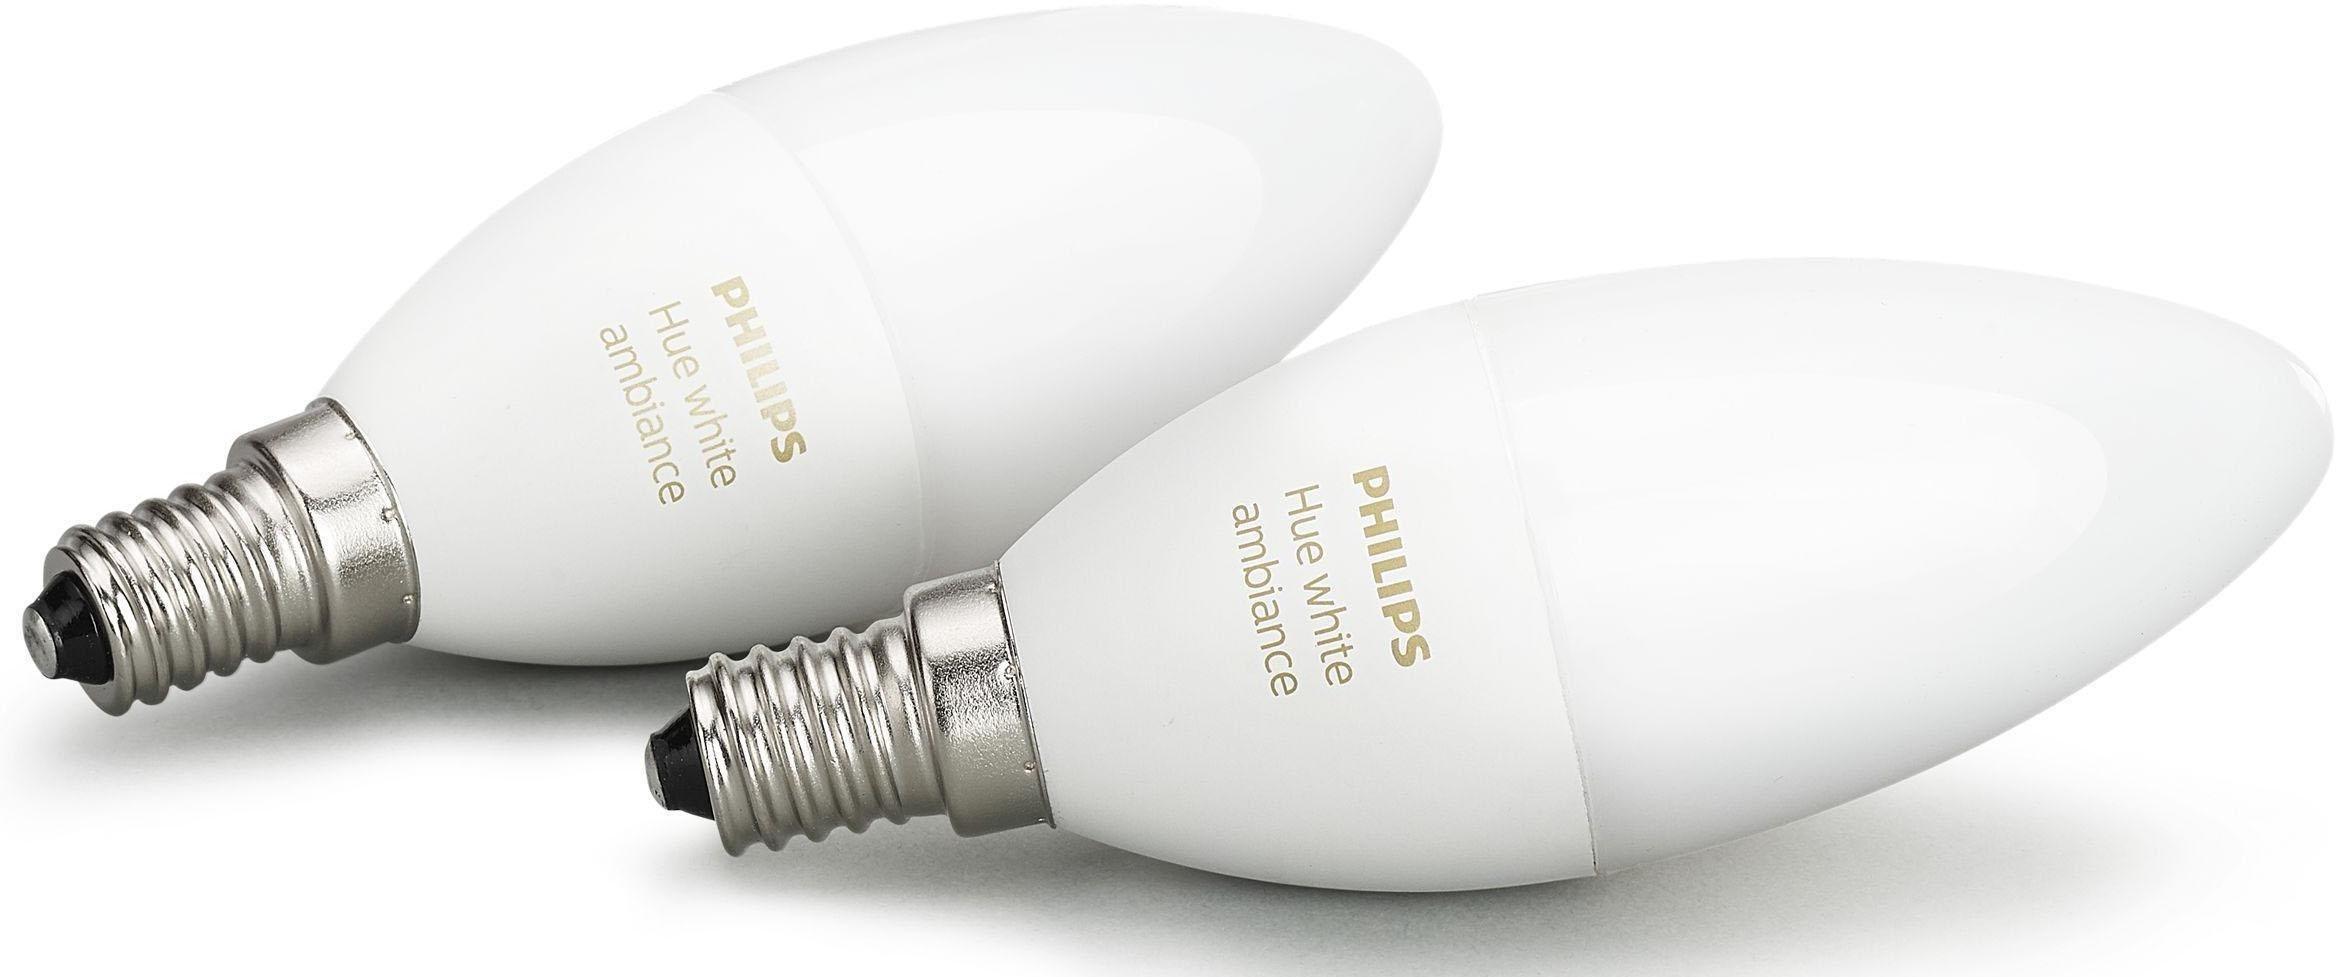 Led Lampen Gelb E14 Preisvergleich • Die besten Angebote online kaufen